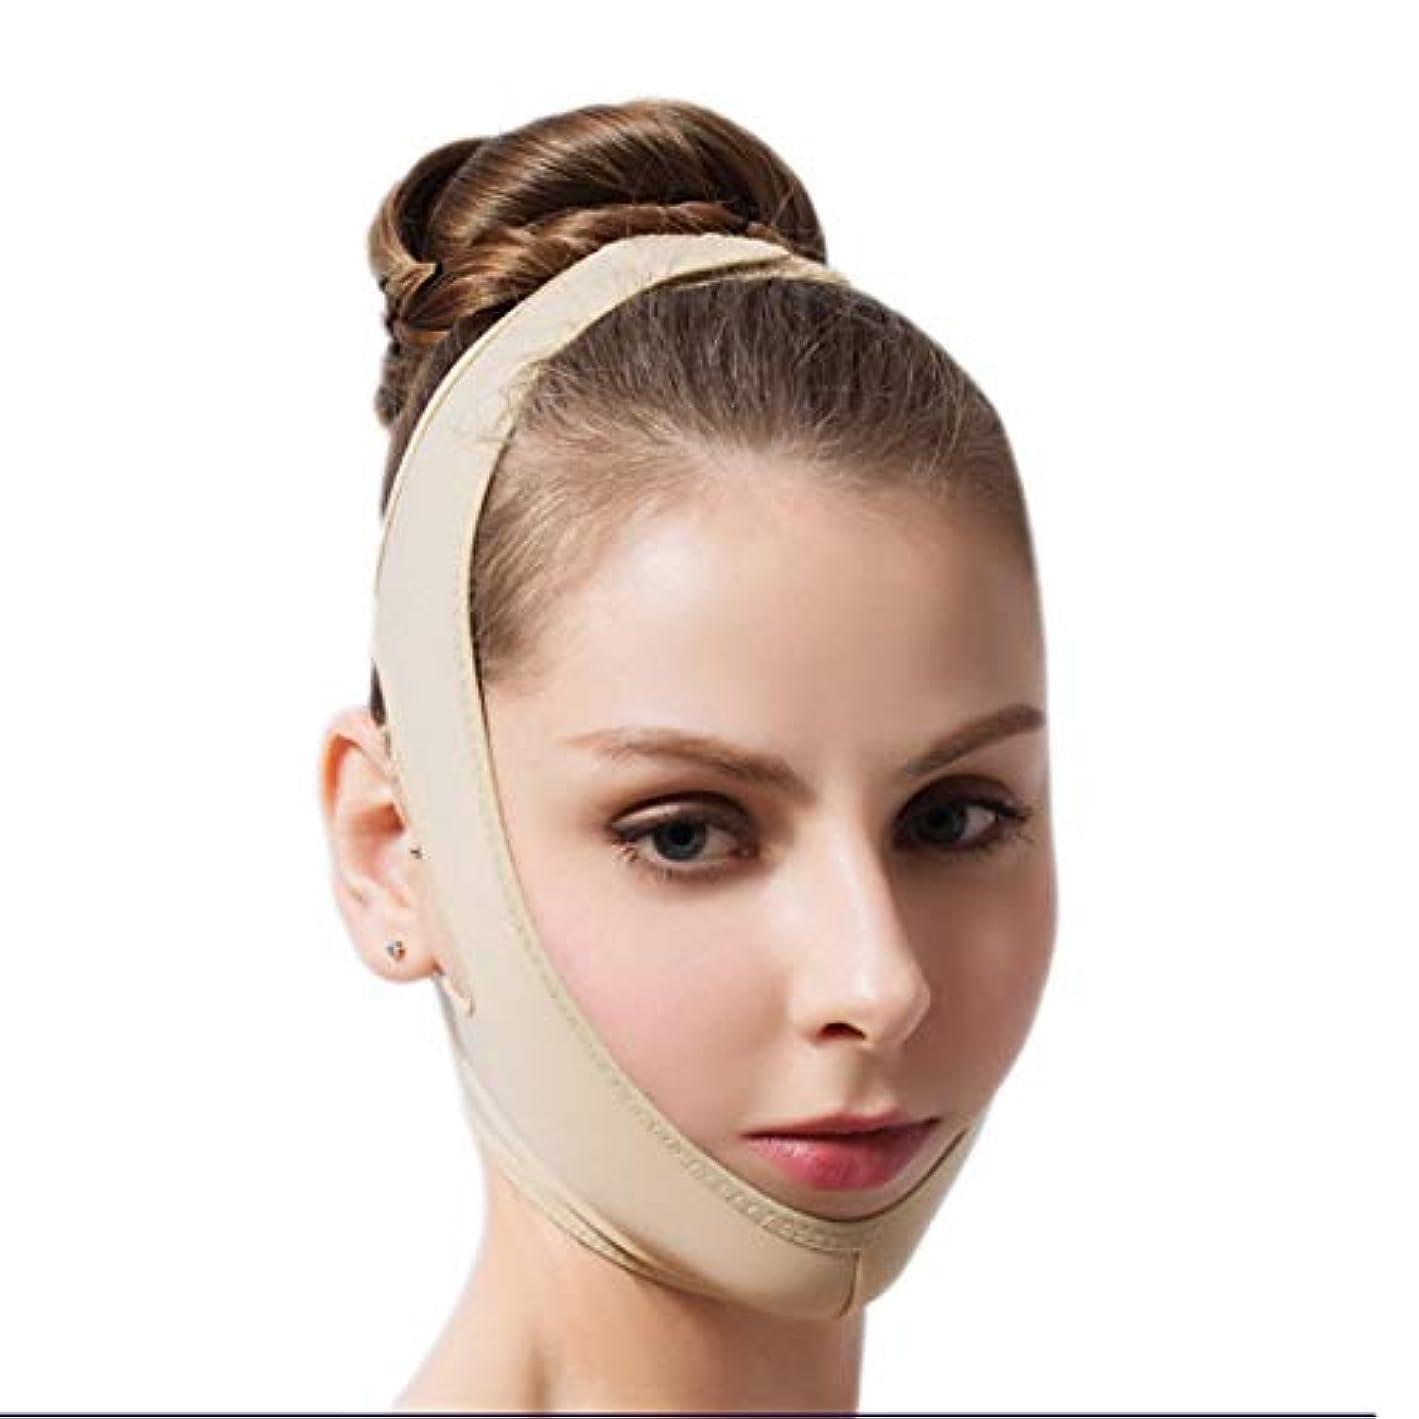 高層ビル報告書固有のZWBD フェイスマスク, フェイスリフト包帯V整形術後回復包帯医療グレードマスクバンドルジョー二重あご (Size : L)